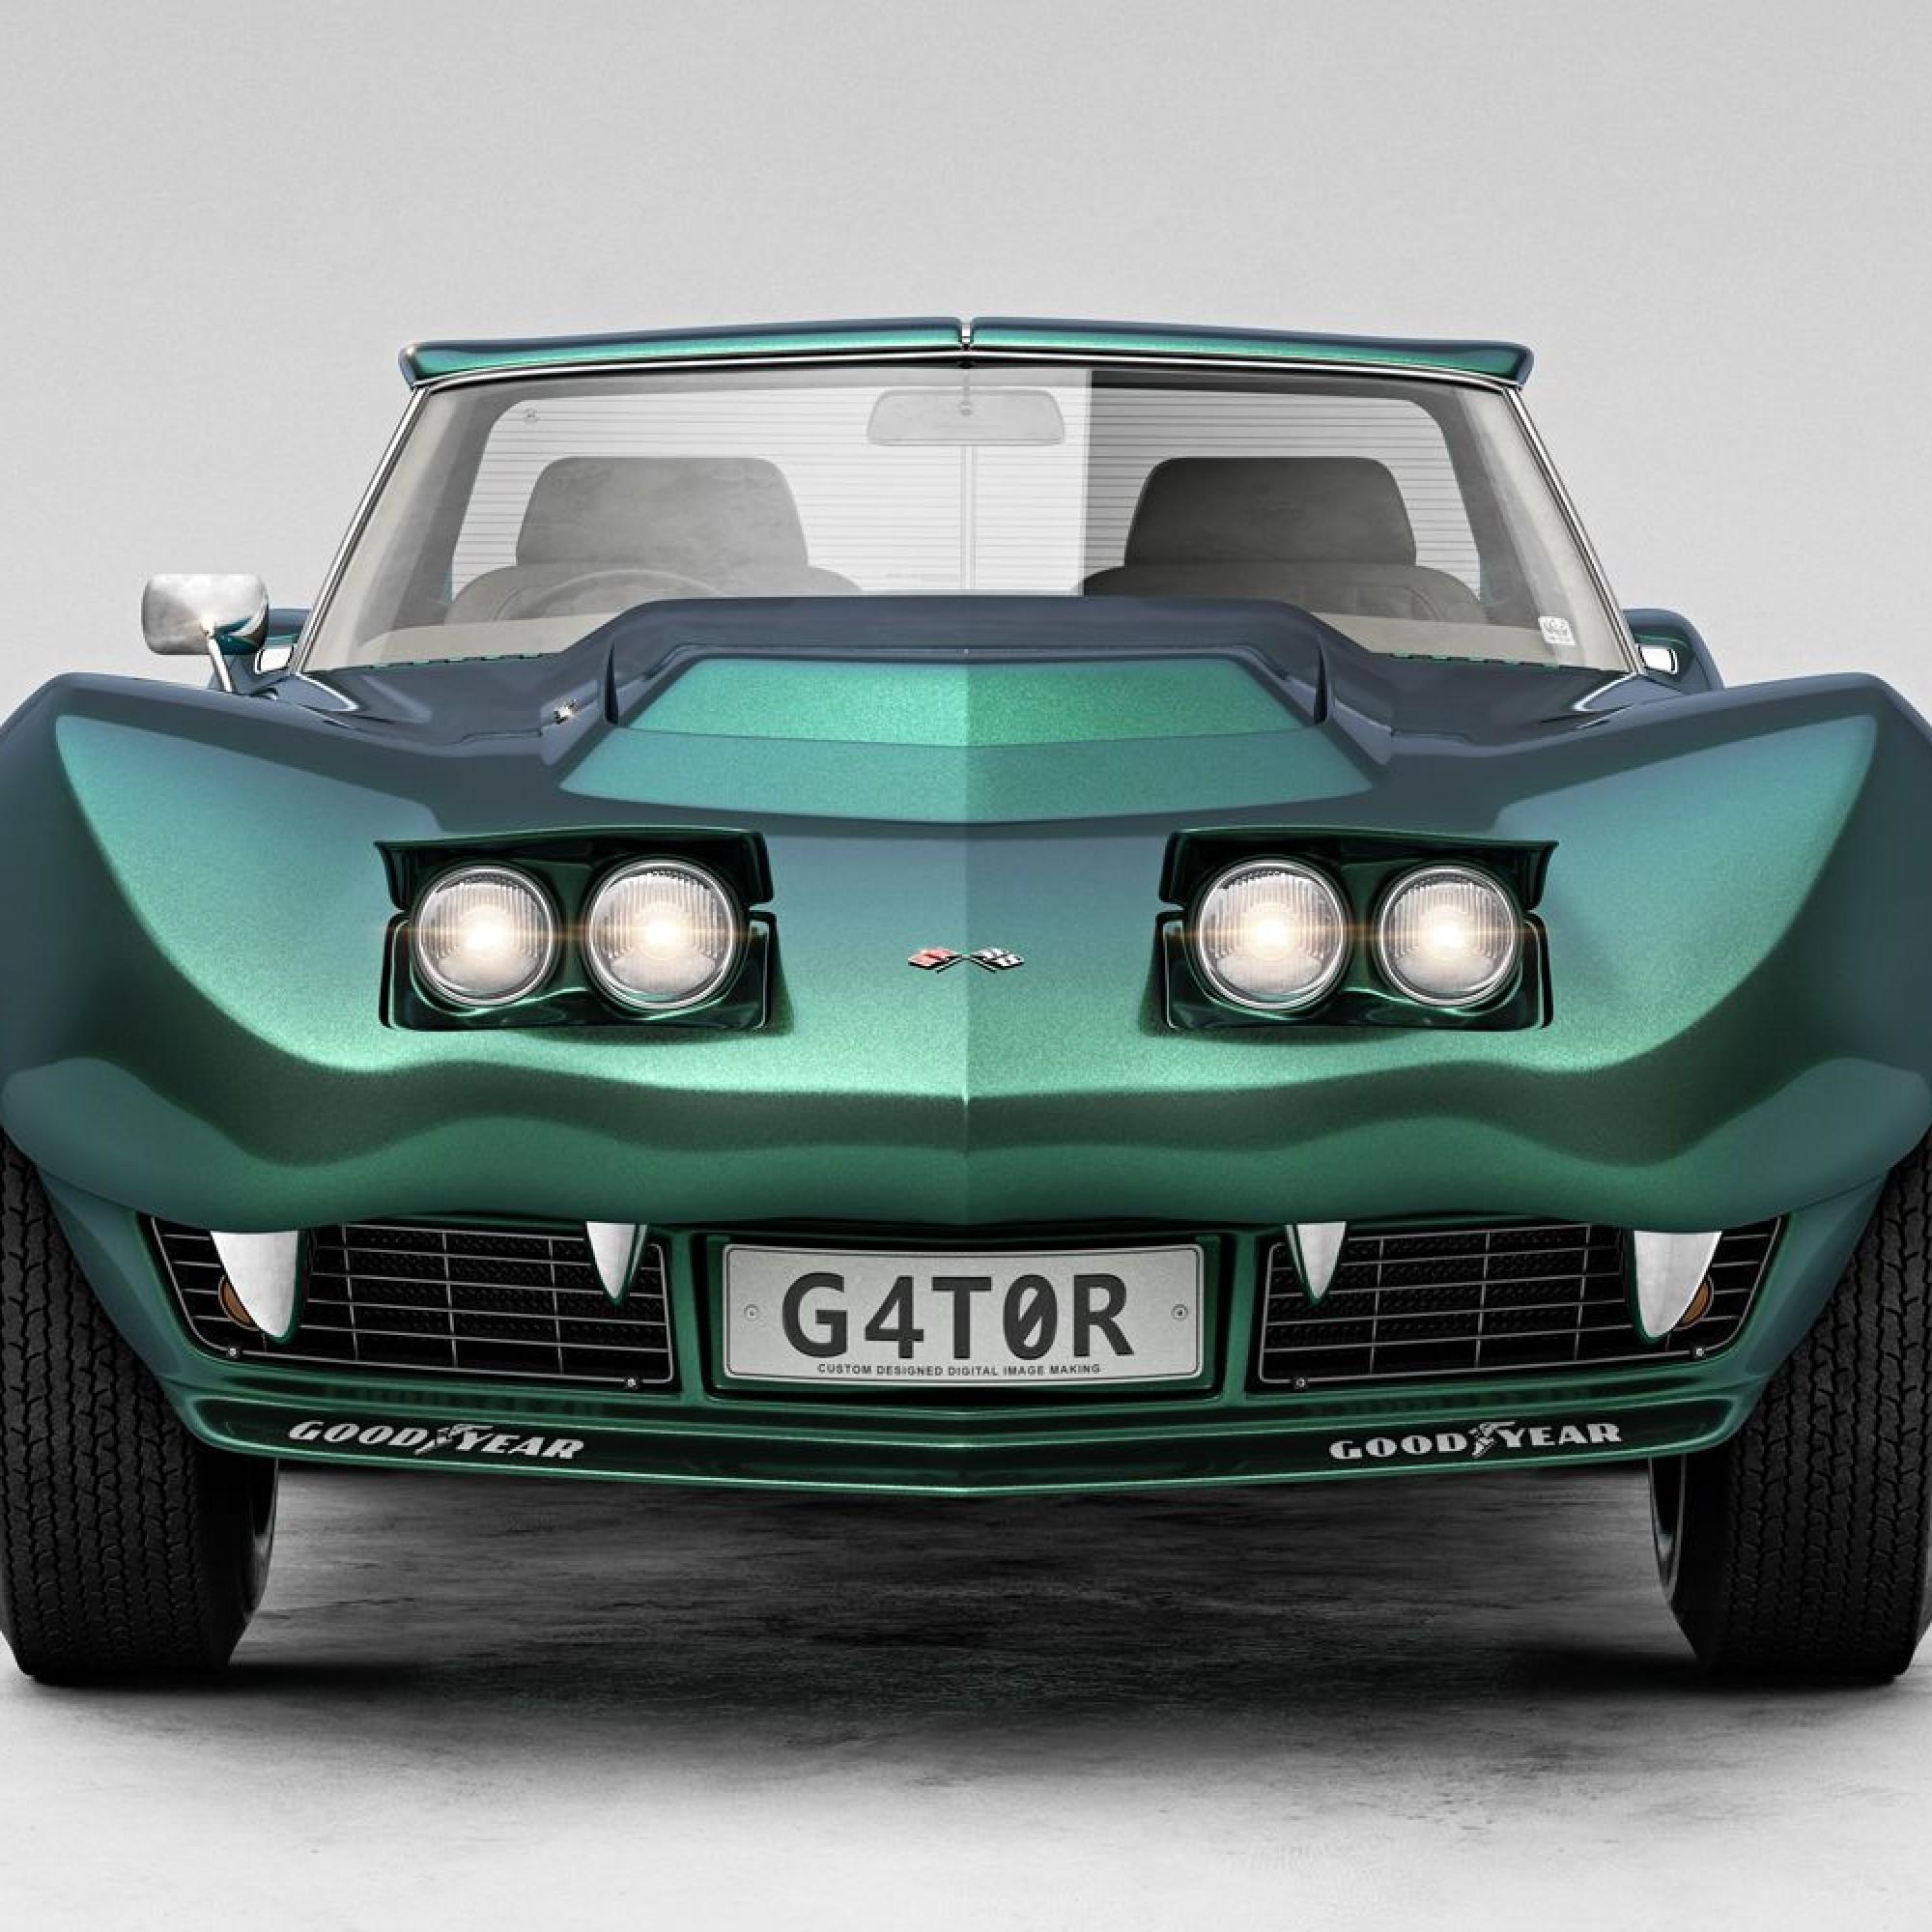 Zum Schluss folgt eine leistungsstarke Maschine: Ein Chevrolet Corvette Stingray mit Baujahr 1968.